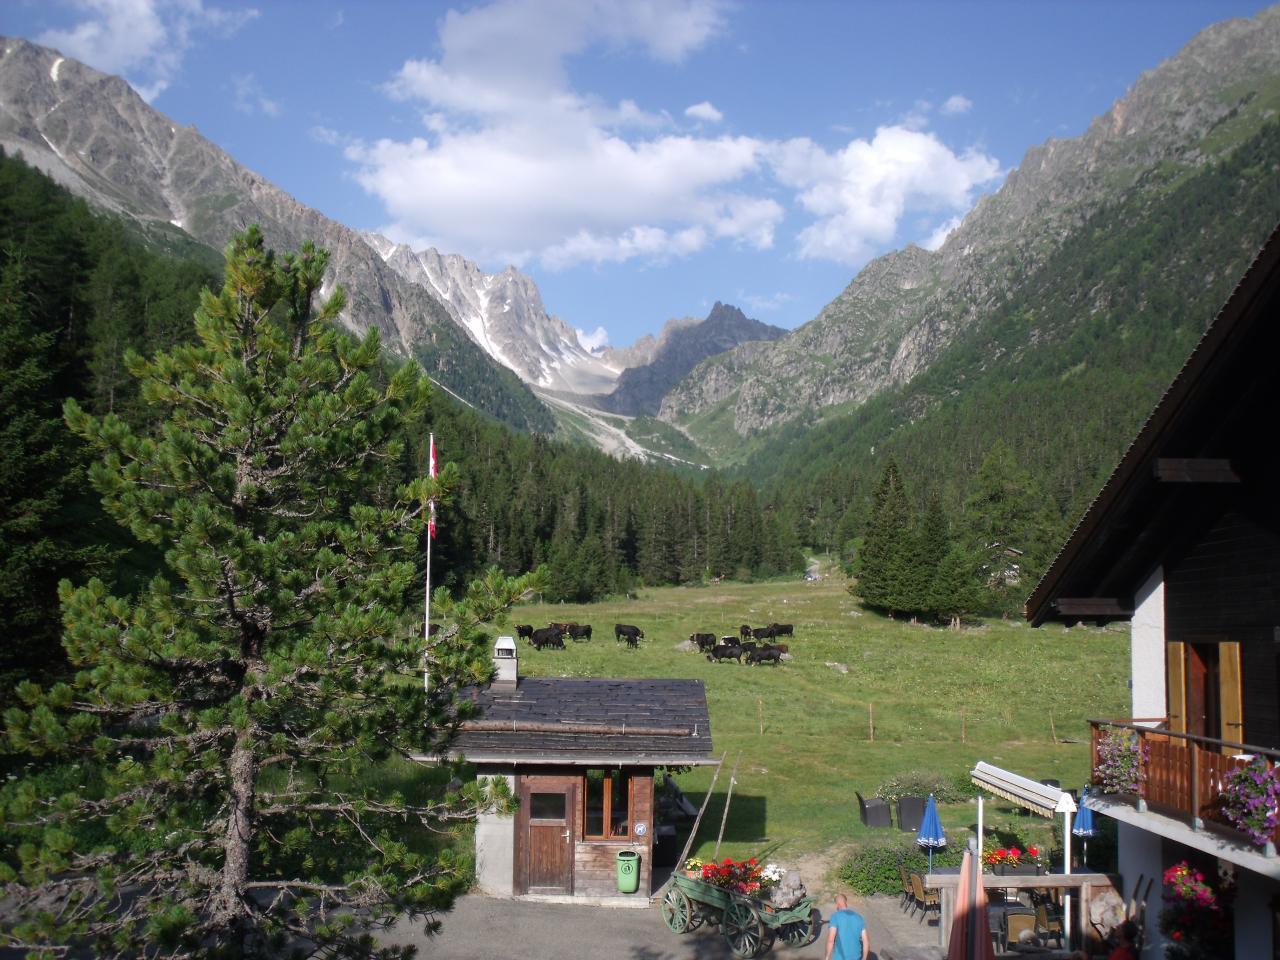 La fenêtre d'Arpette, vue depuis le relais d'Arpette